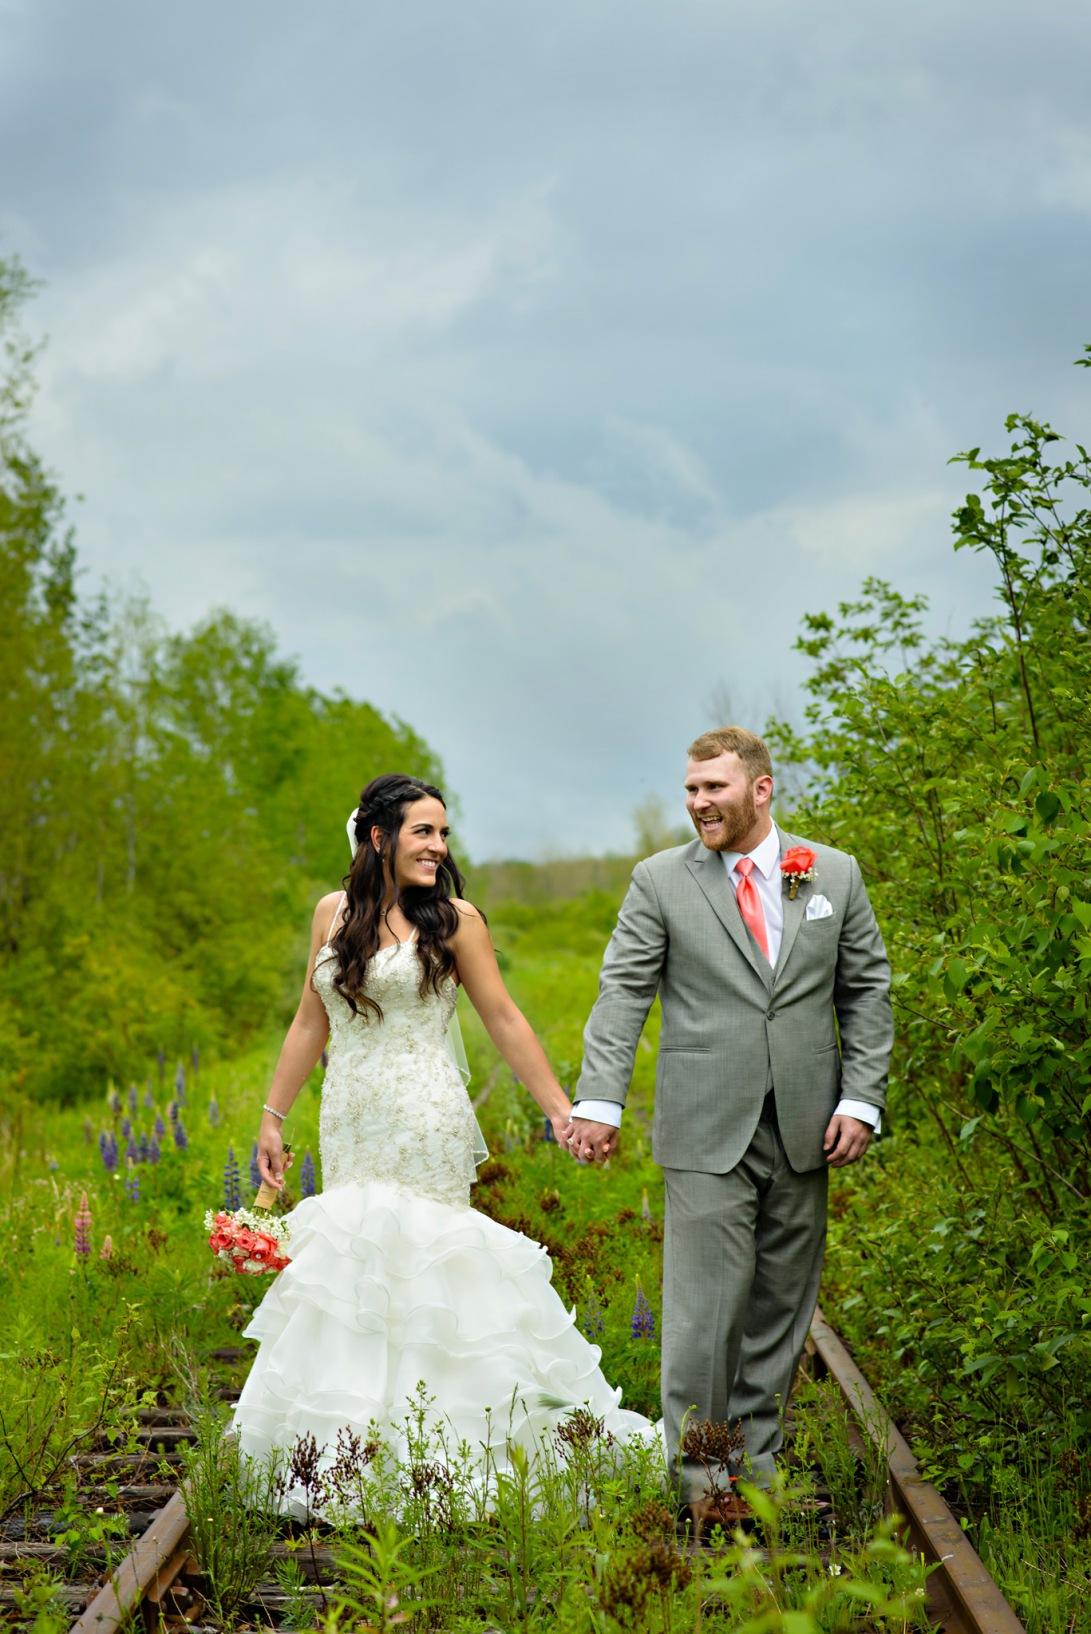 Julie timmins wedding